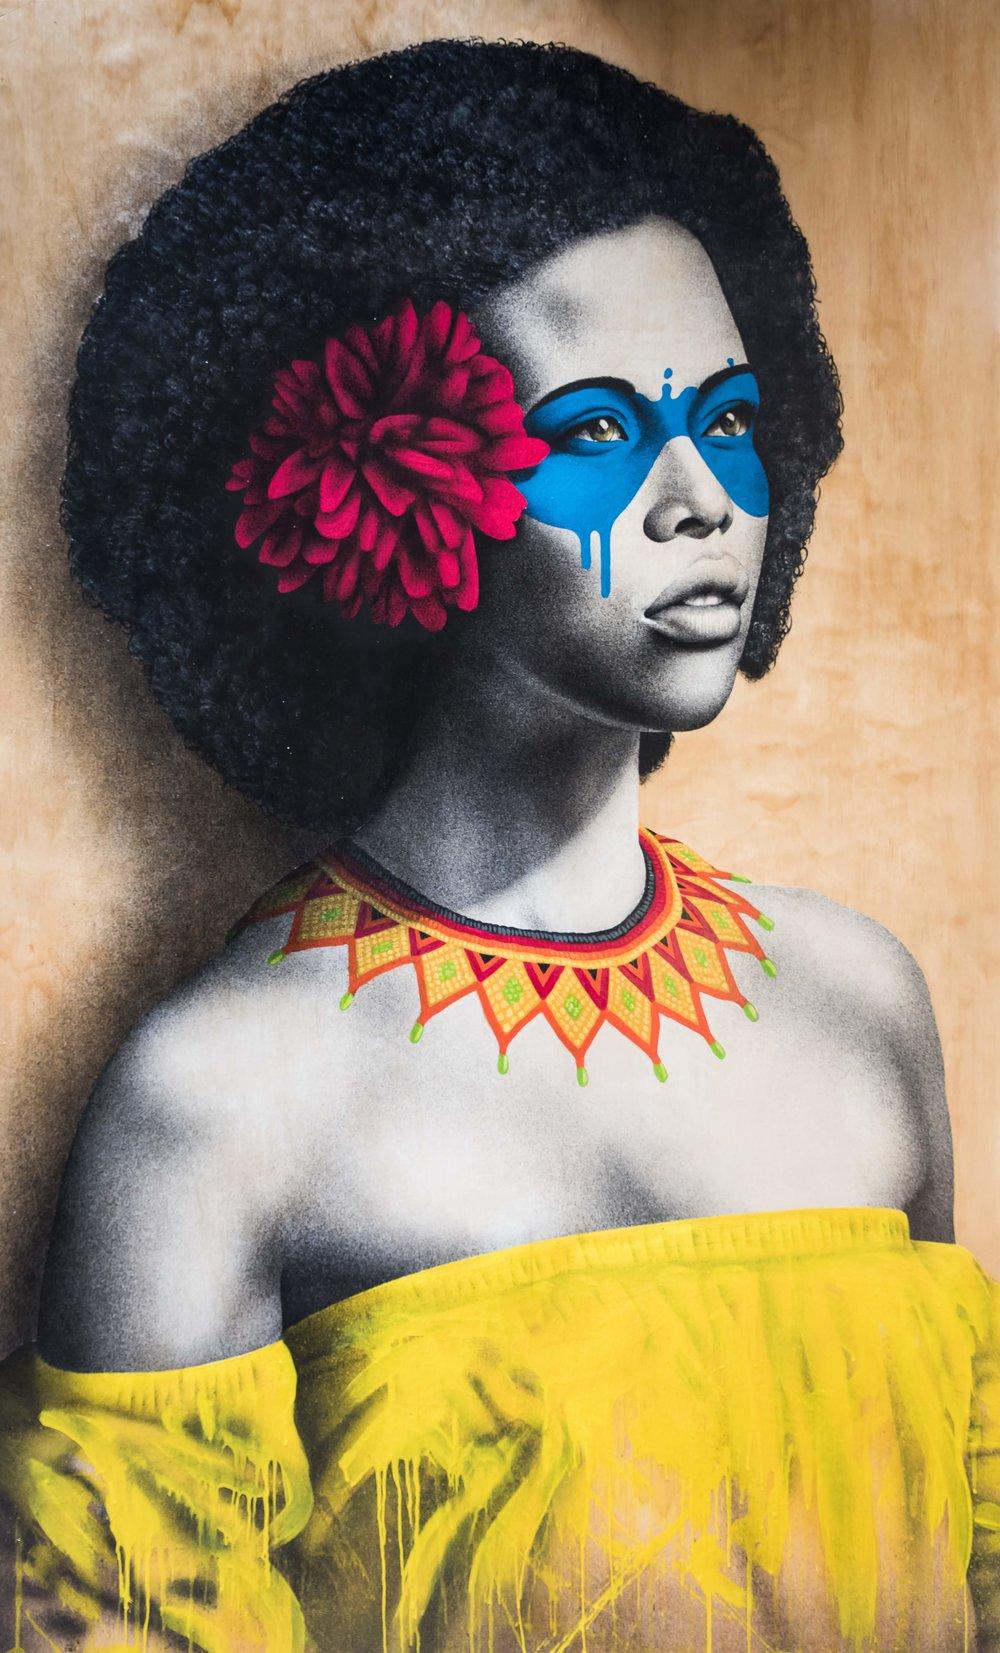 La Cara De Cartagena - Ana Luisa Muñoz Ortiz